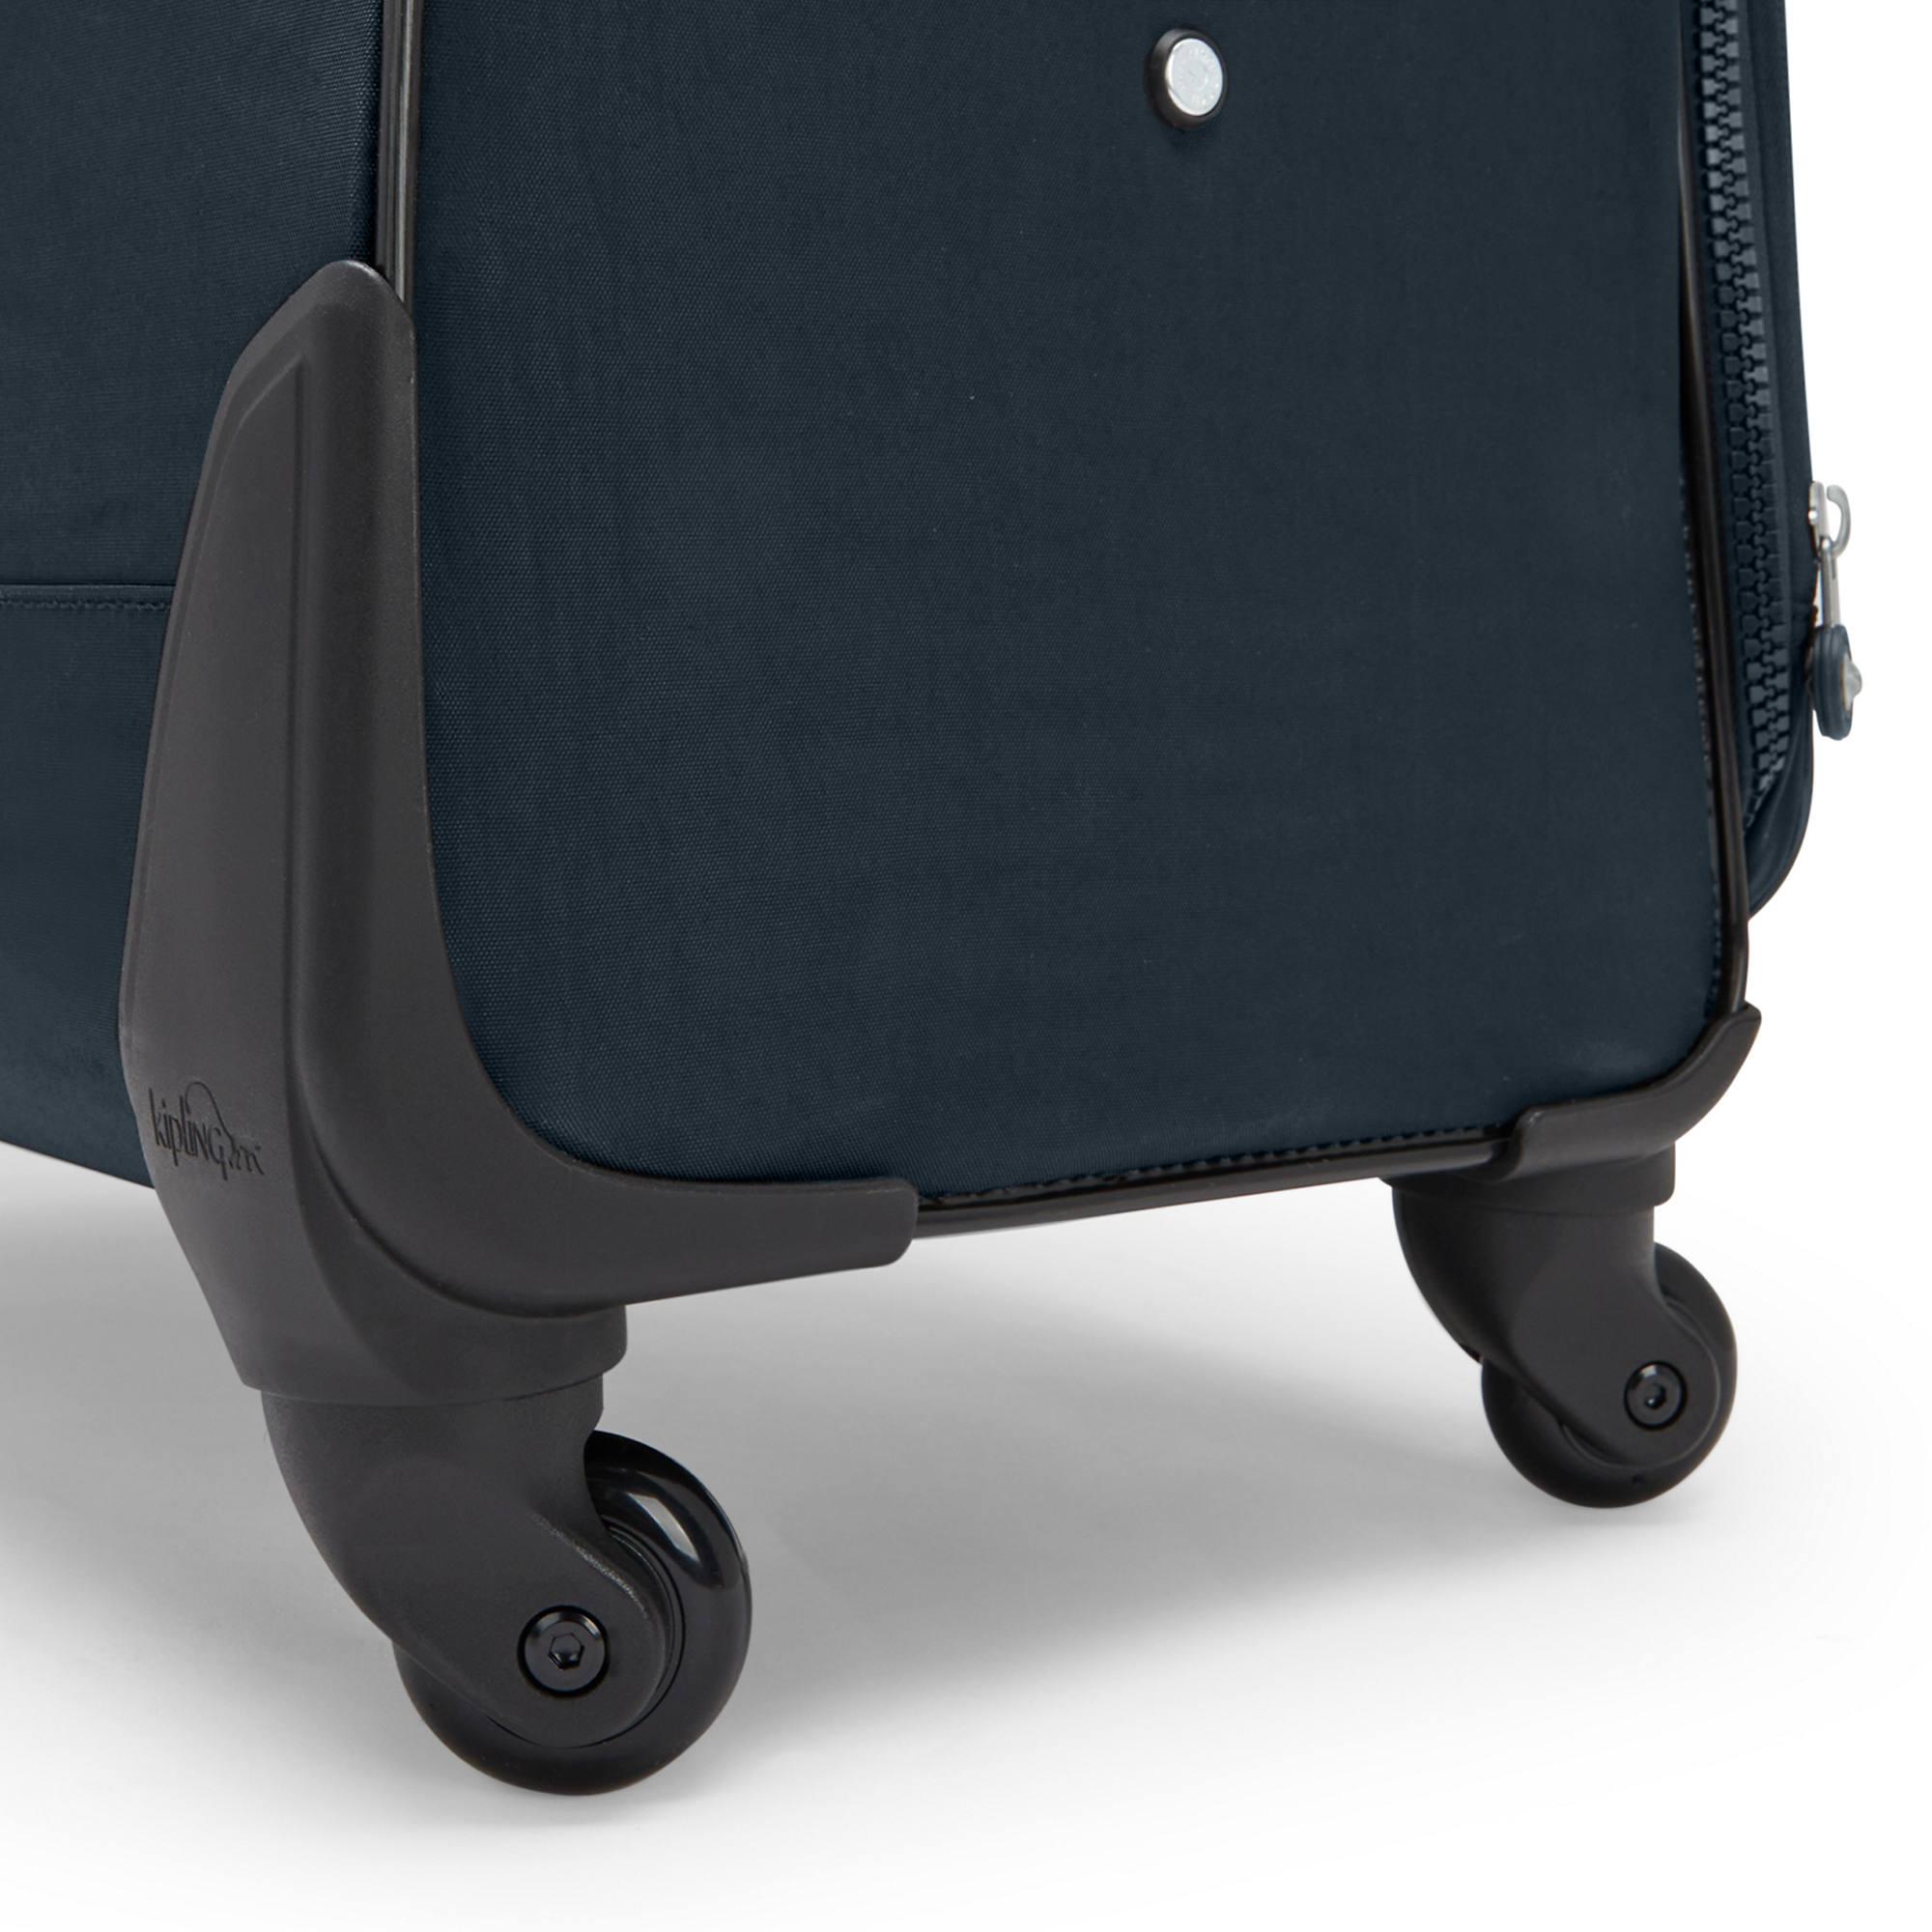 thumbnail 17 - Kipling Parker Large Rolling Luggage